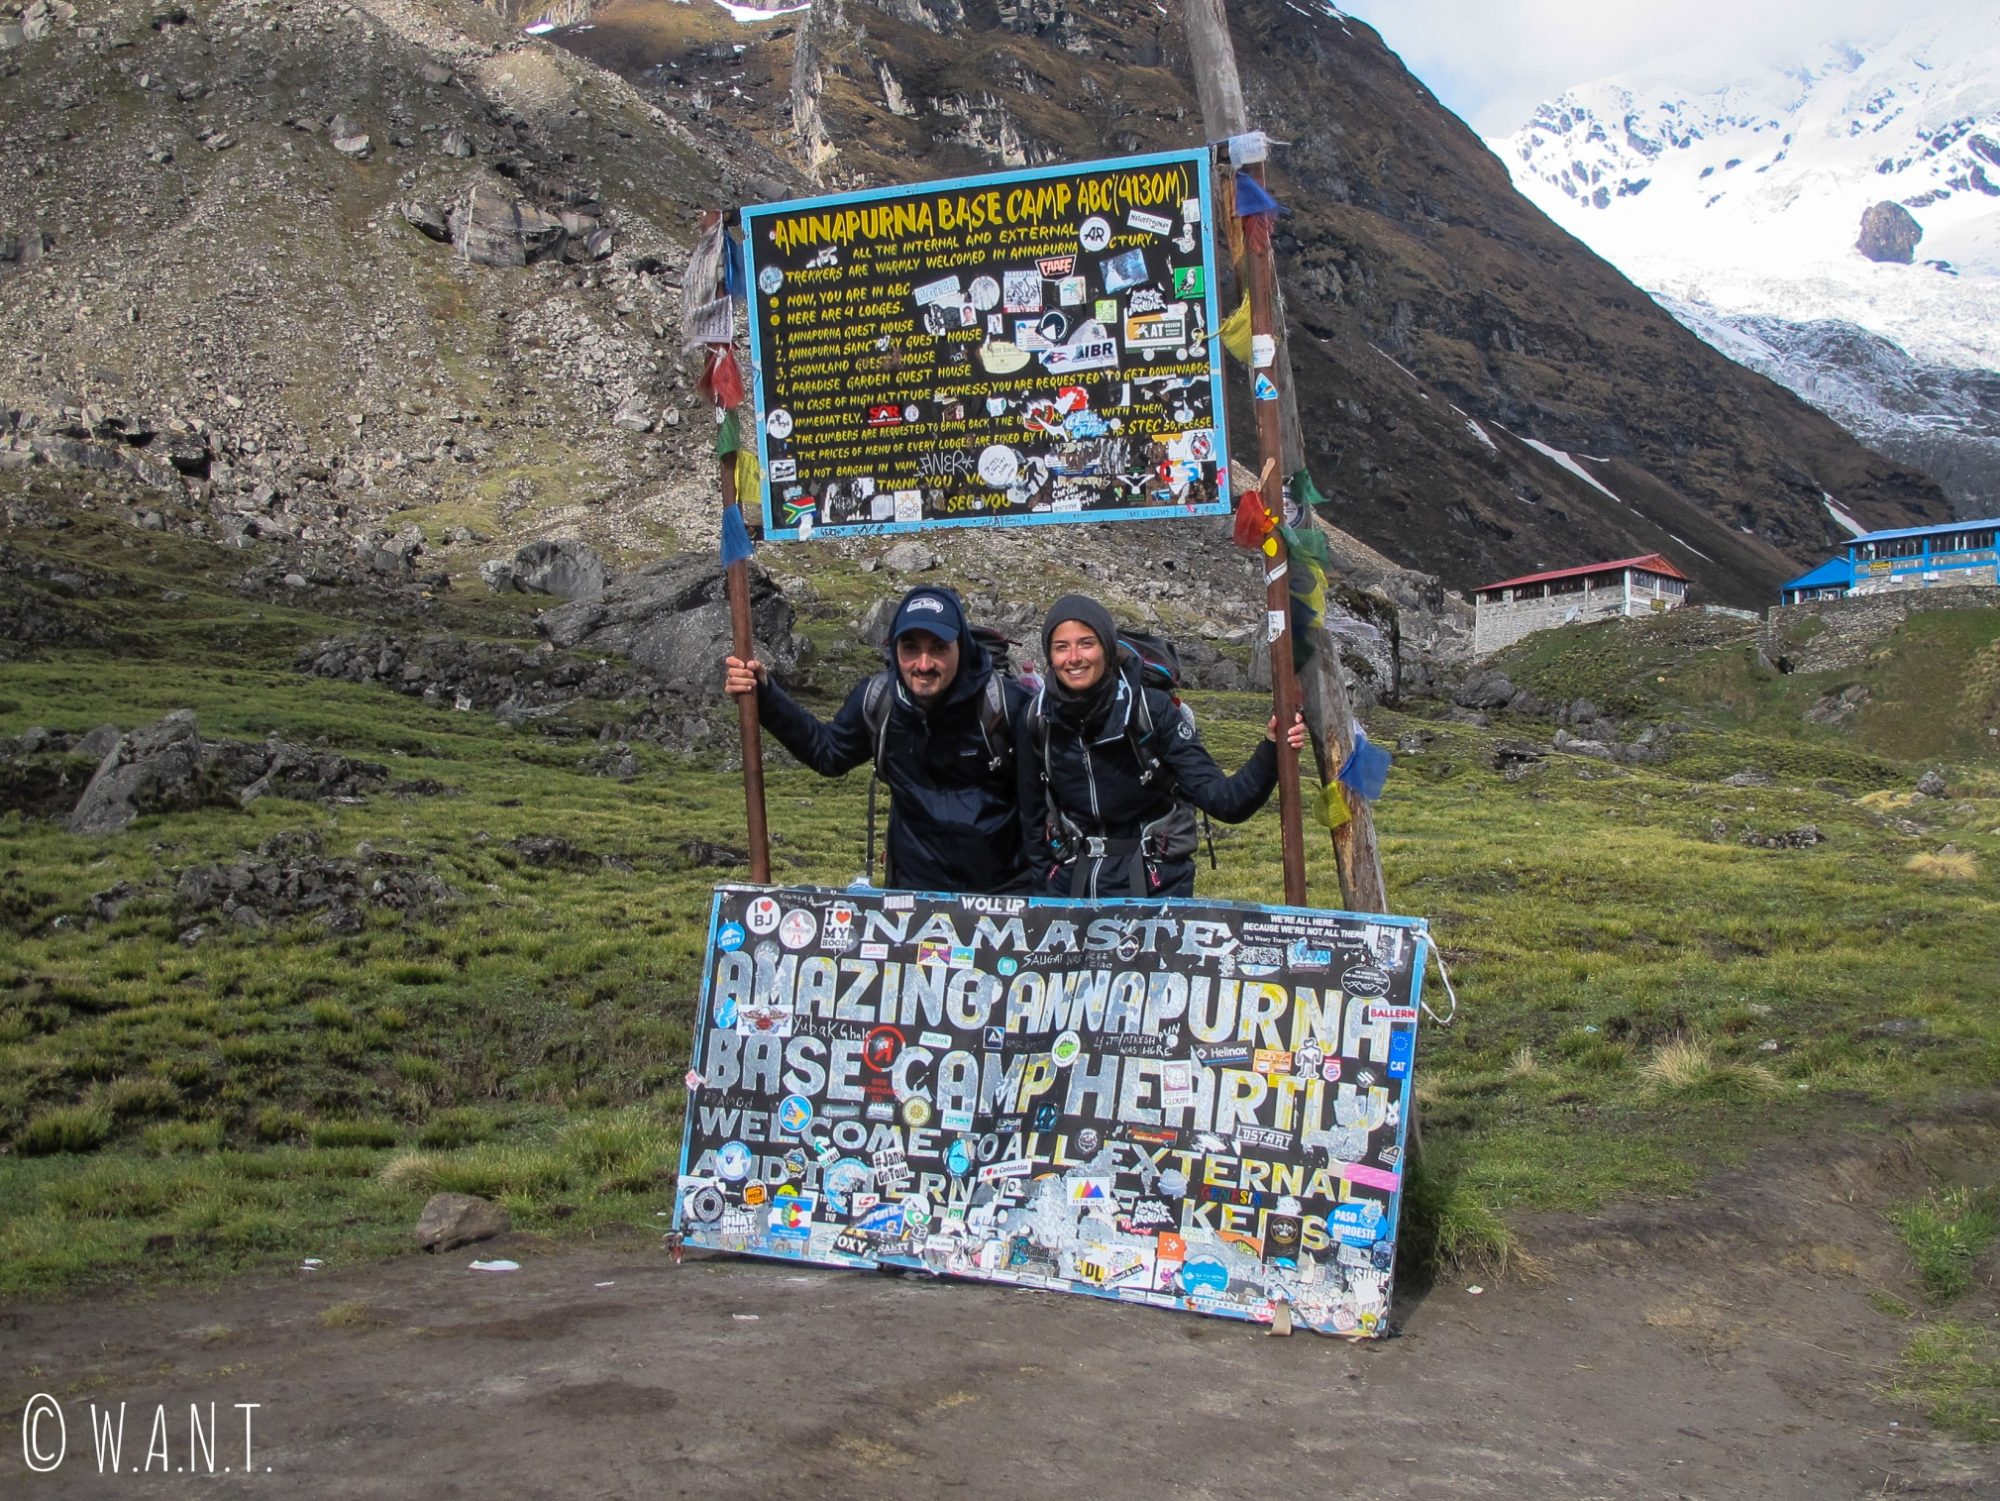 Nous ne sommes pas peu fiers d'être arrivés jusqu'au Camp de Base de l'Annapurna